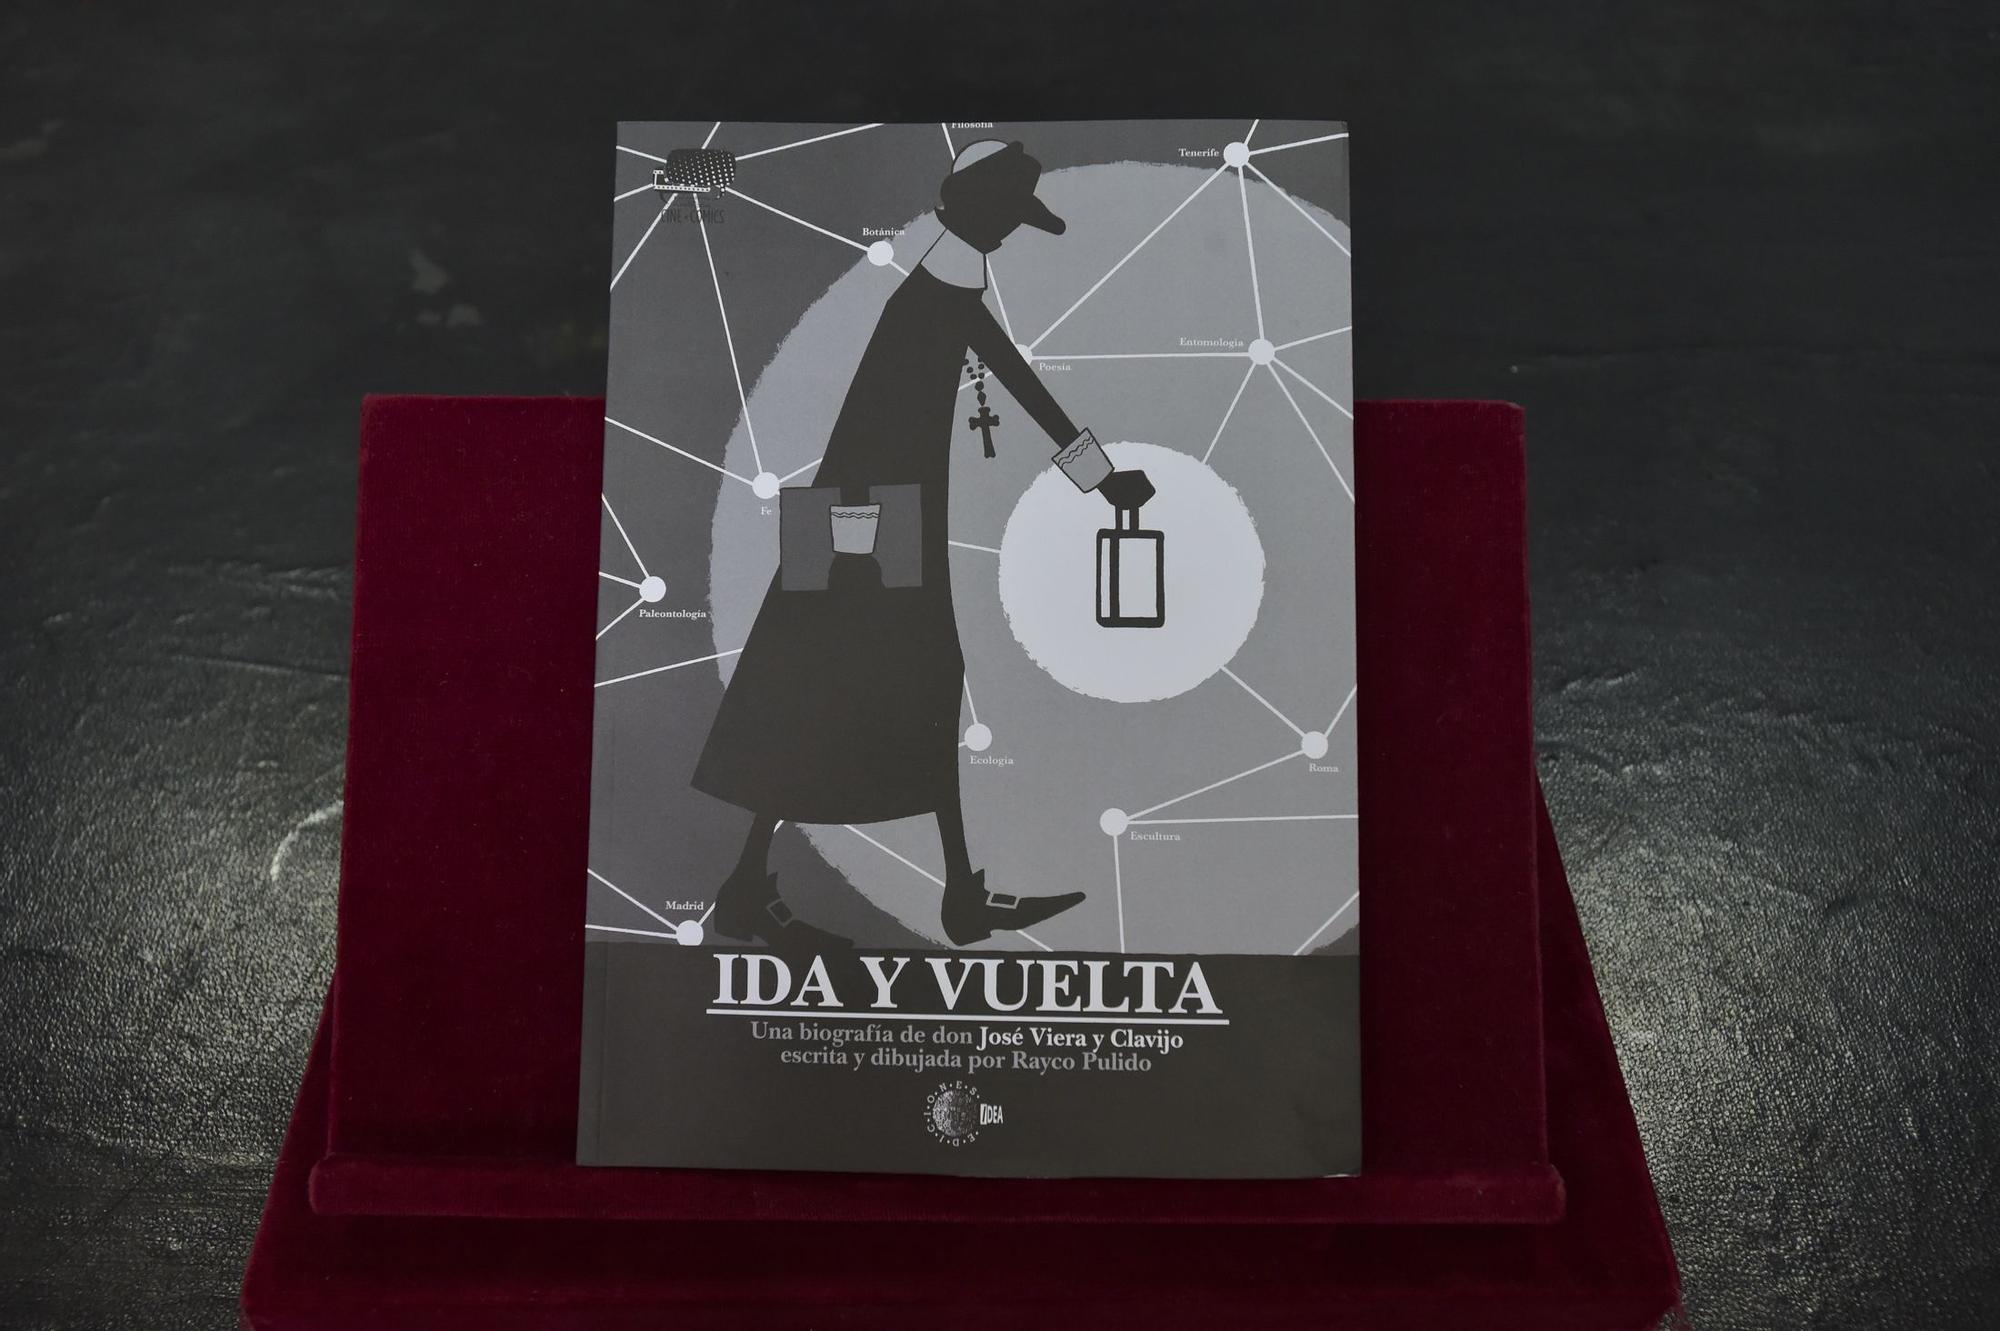 Presentación de un cómic sobre Viera y Clavijo